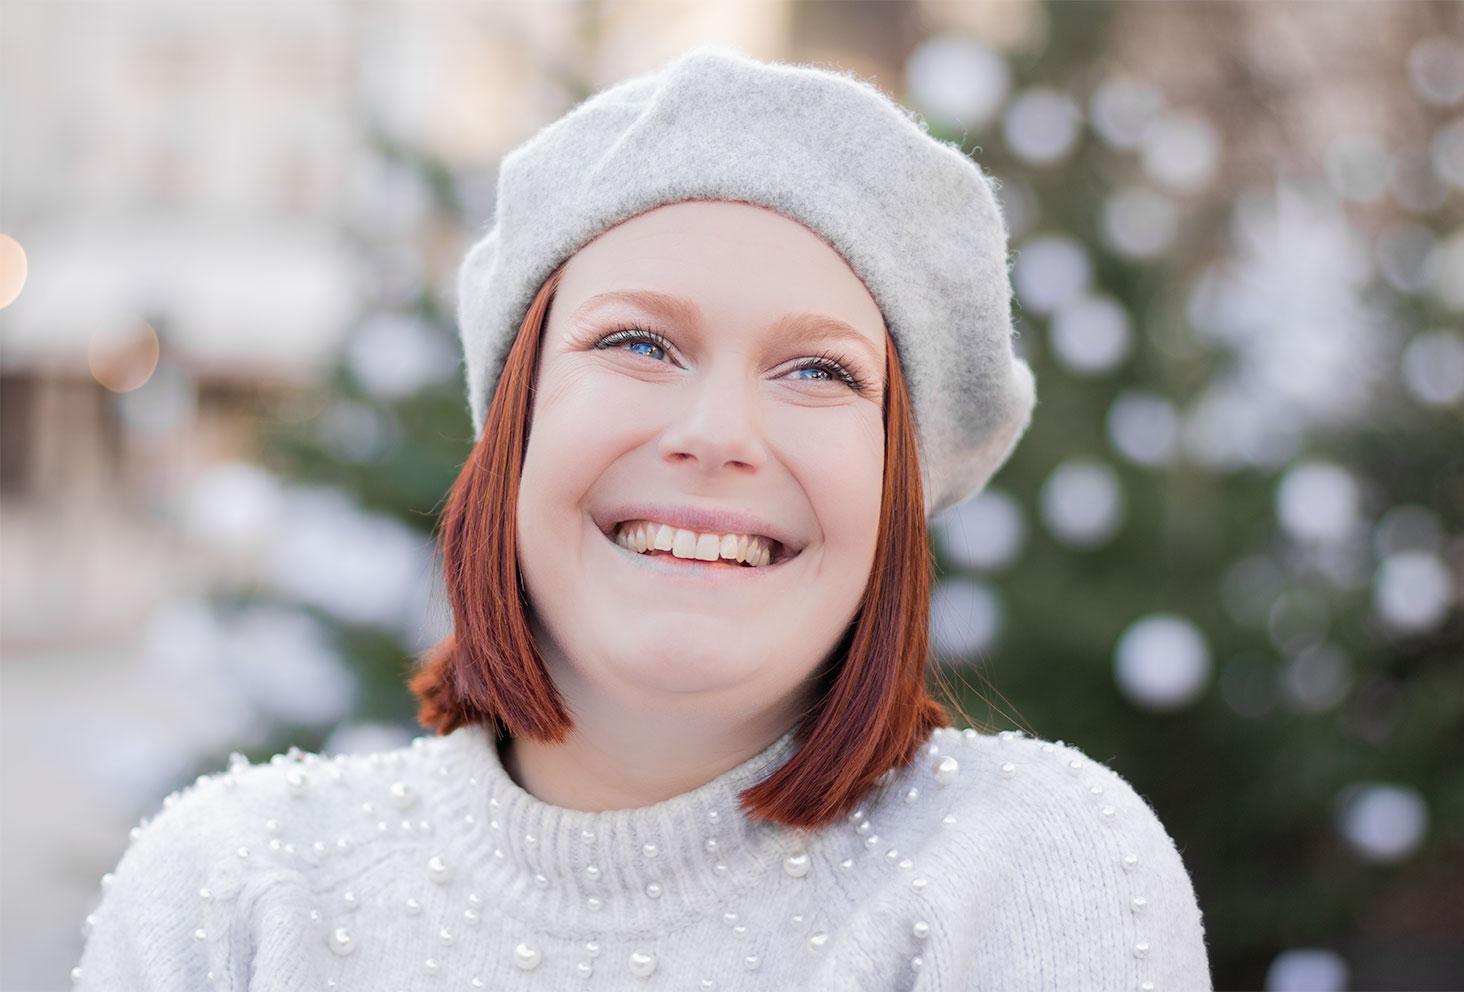 Portrait avec le sourire, un béret sur la tête porté avec un pull gris à perles blanches, devant des sapins de Noël